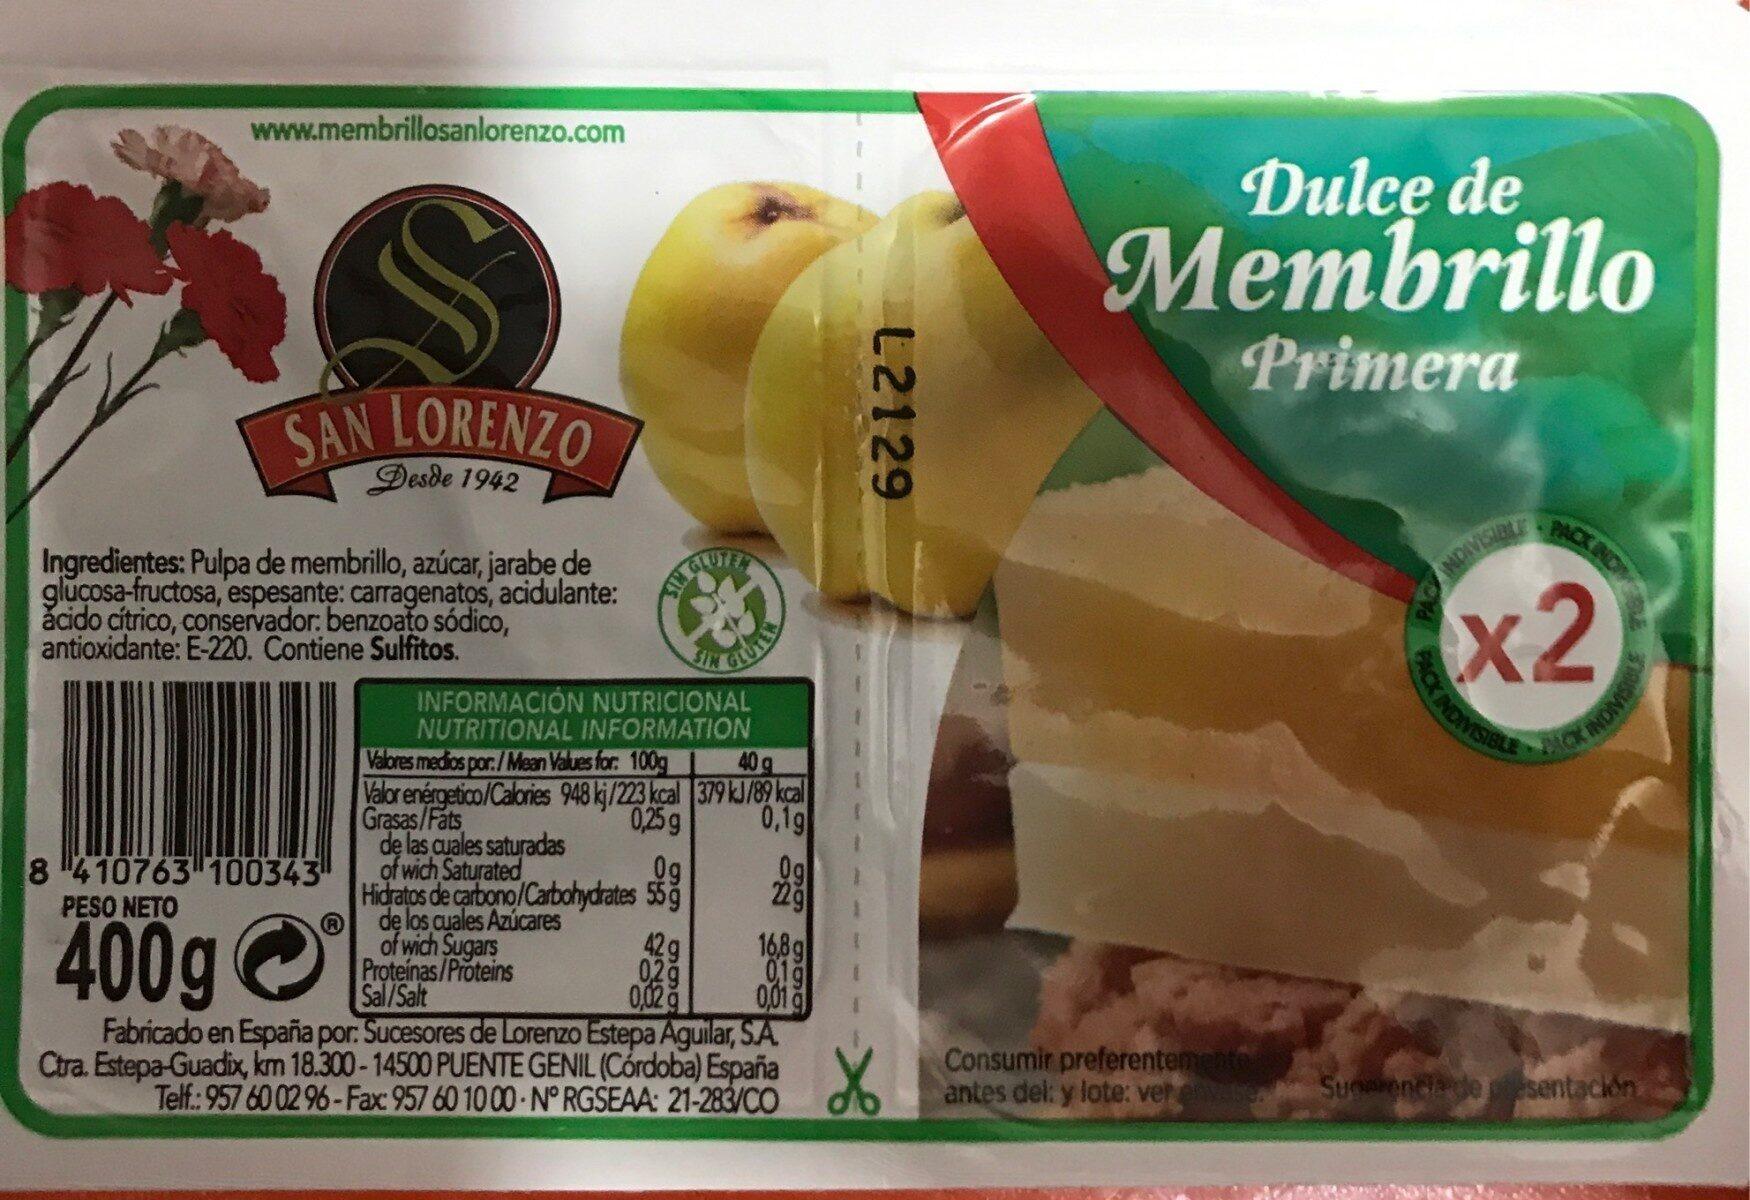 Dulce de membrillo - Producto